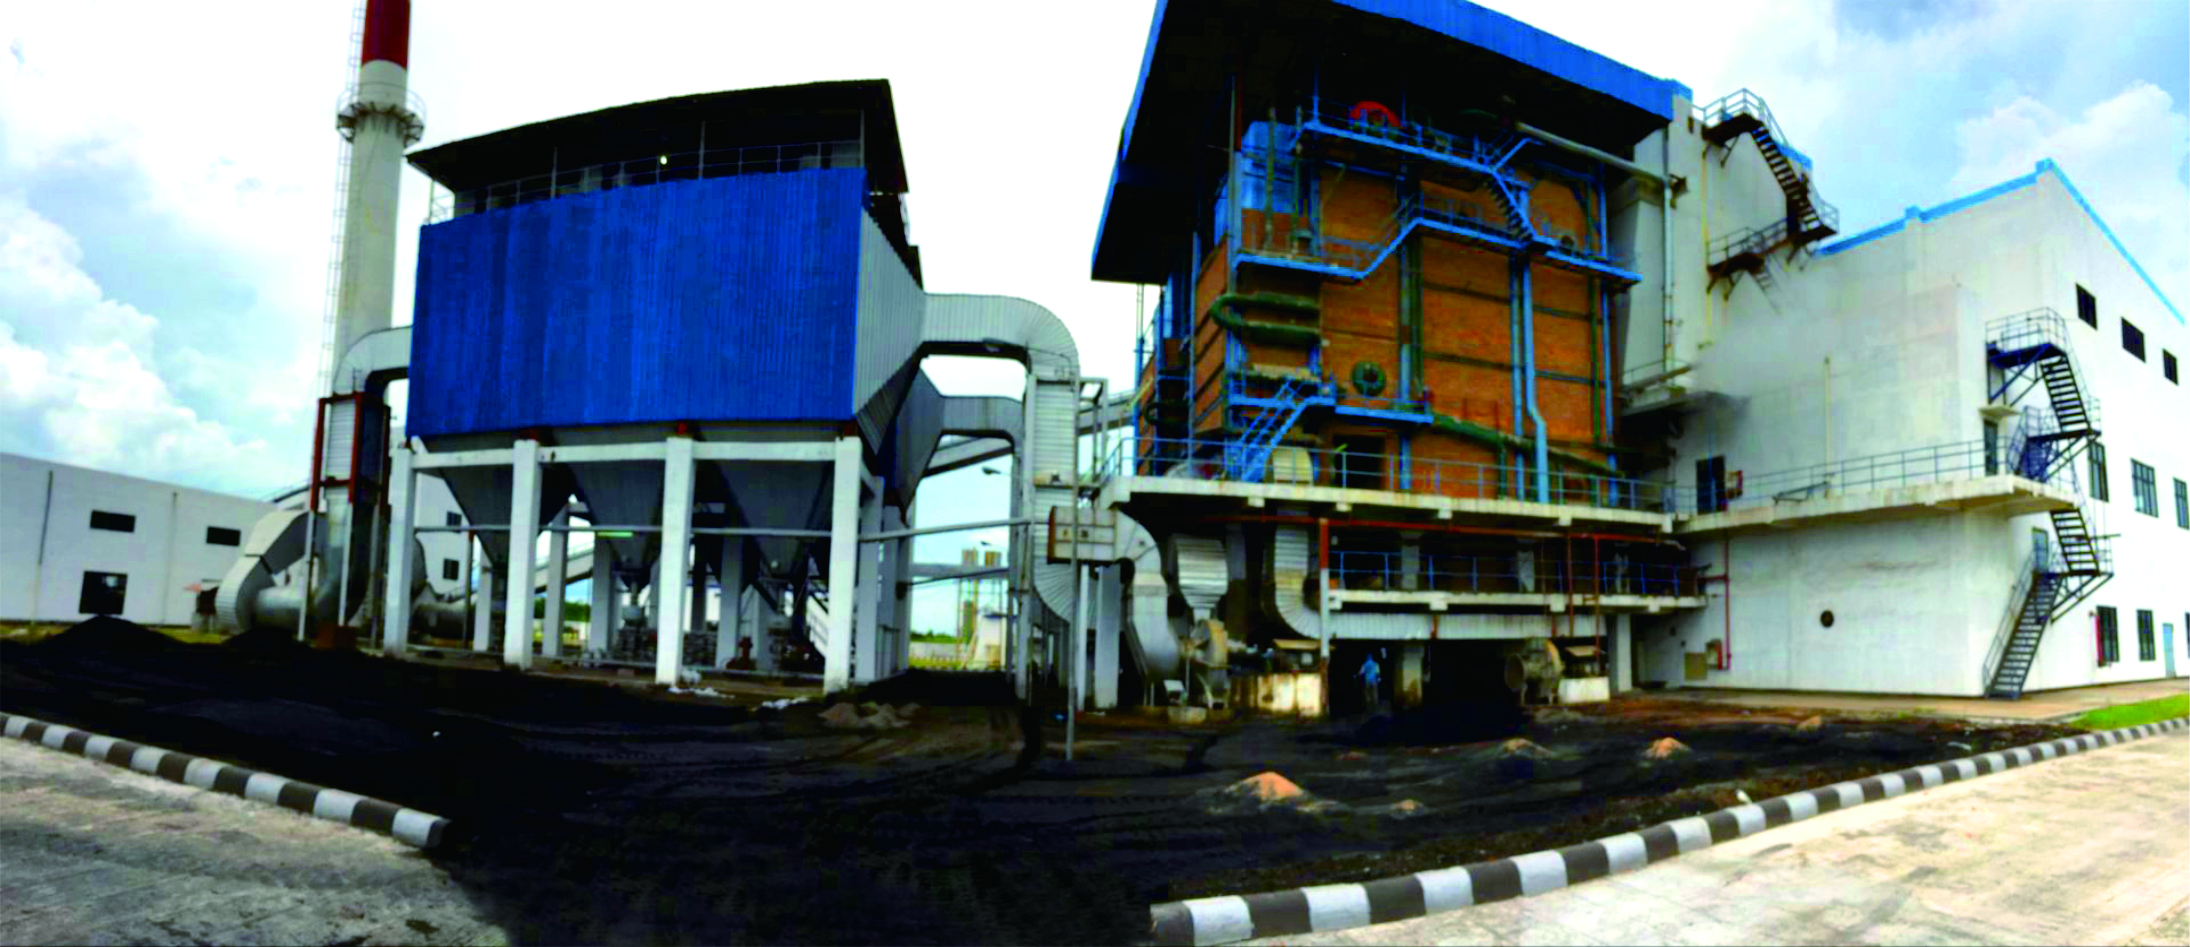 印尼WAYABUNG 2×6MW与JAMBI 1×6MW热电厂工程